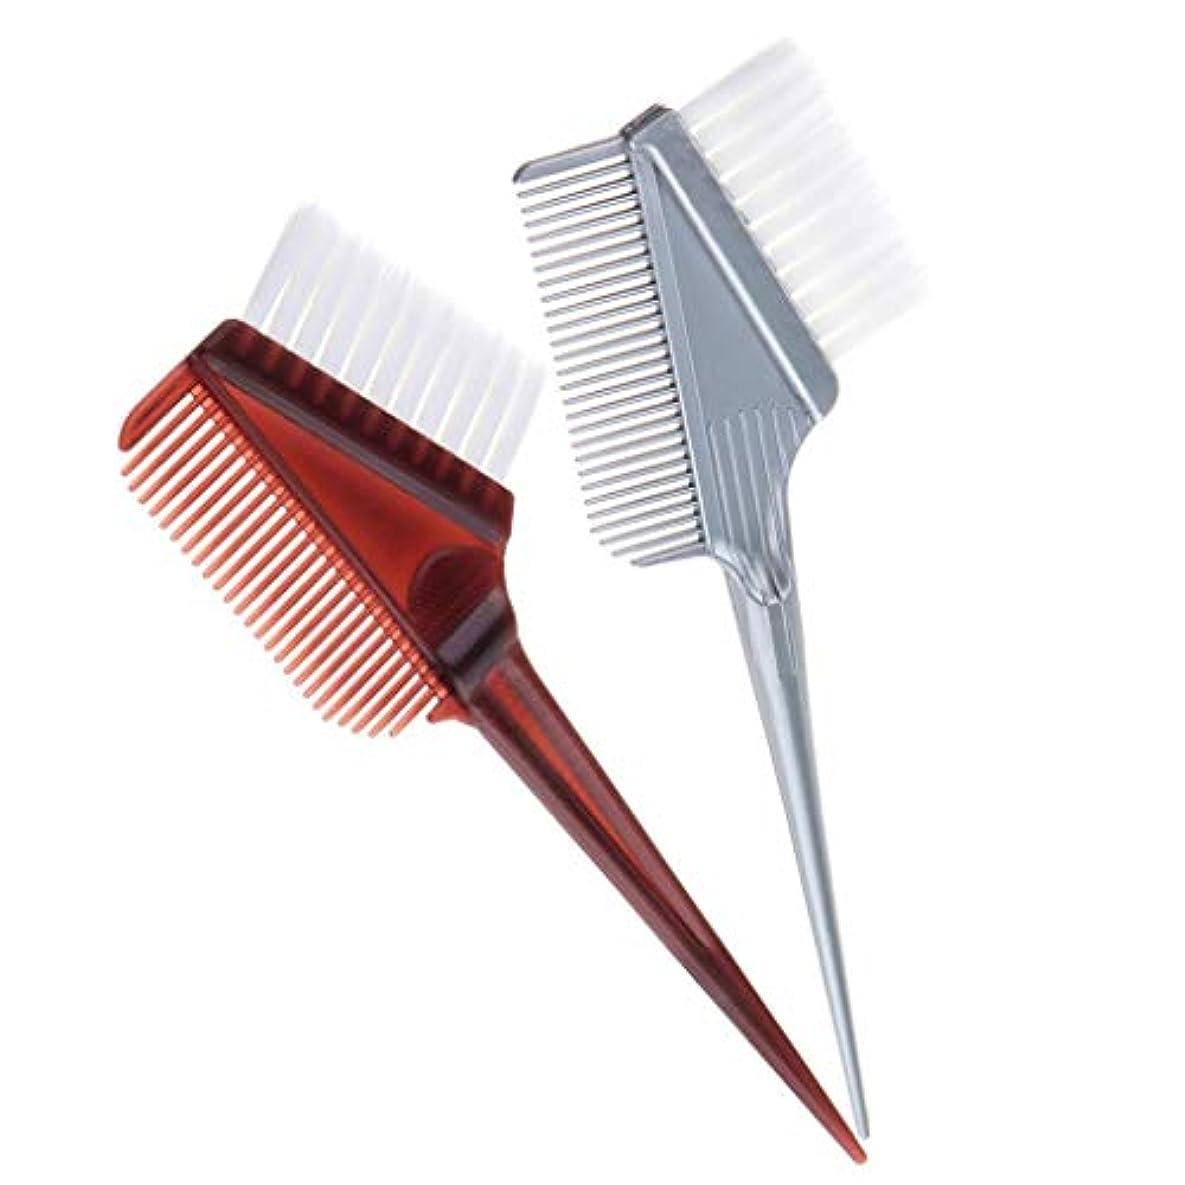 いらいらする不倫起こりやすいCUTICATE ヘアダイブラシ ヘアカラー 毛染め ヘアダイコーム カラーリングブラシ 家庭用 美容師 2本セット